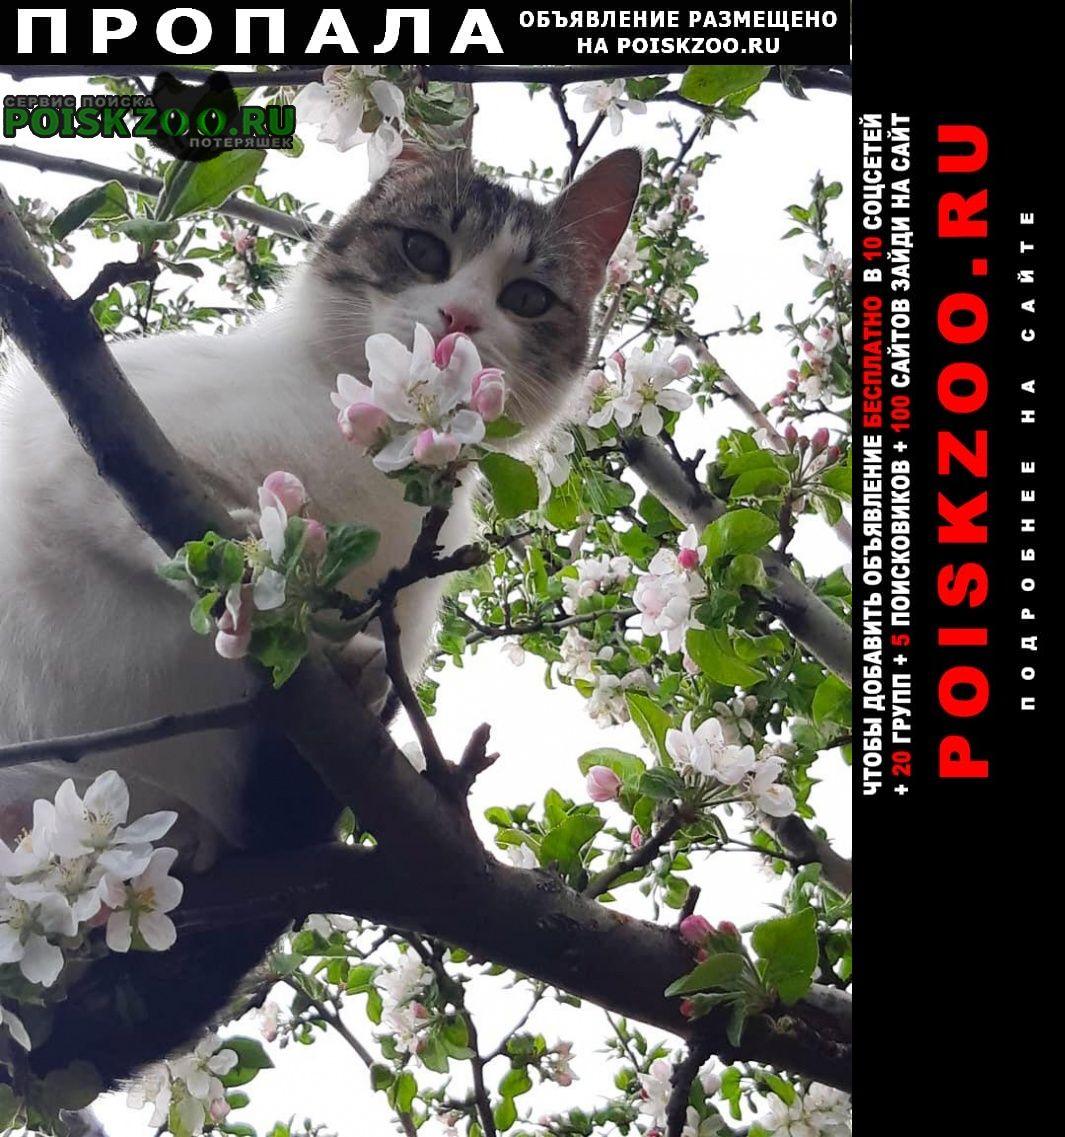 Пропала кошка просим вернуть за вознаграждение г.Новочеркасск